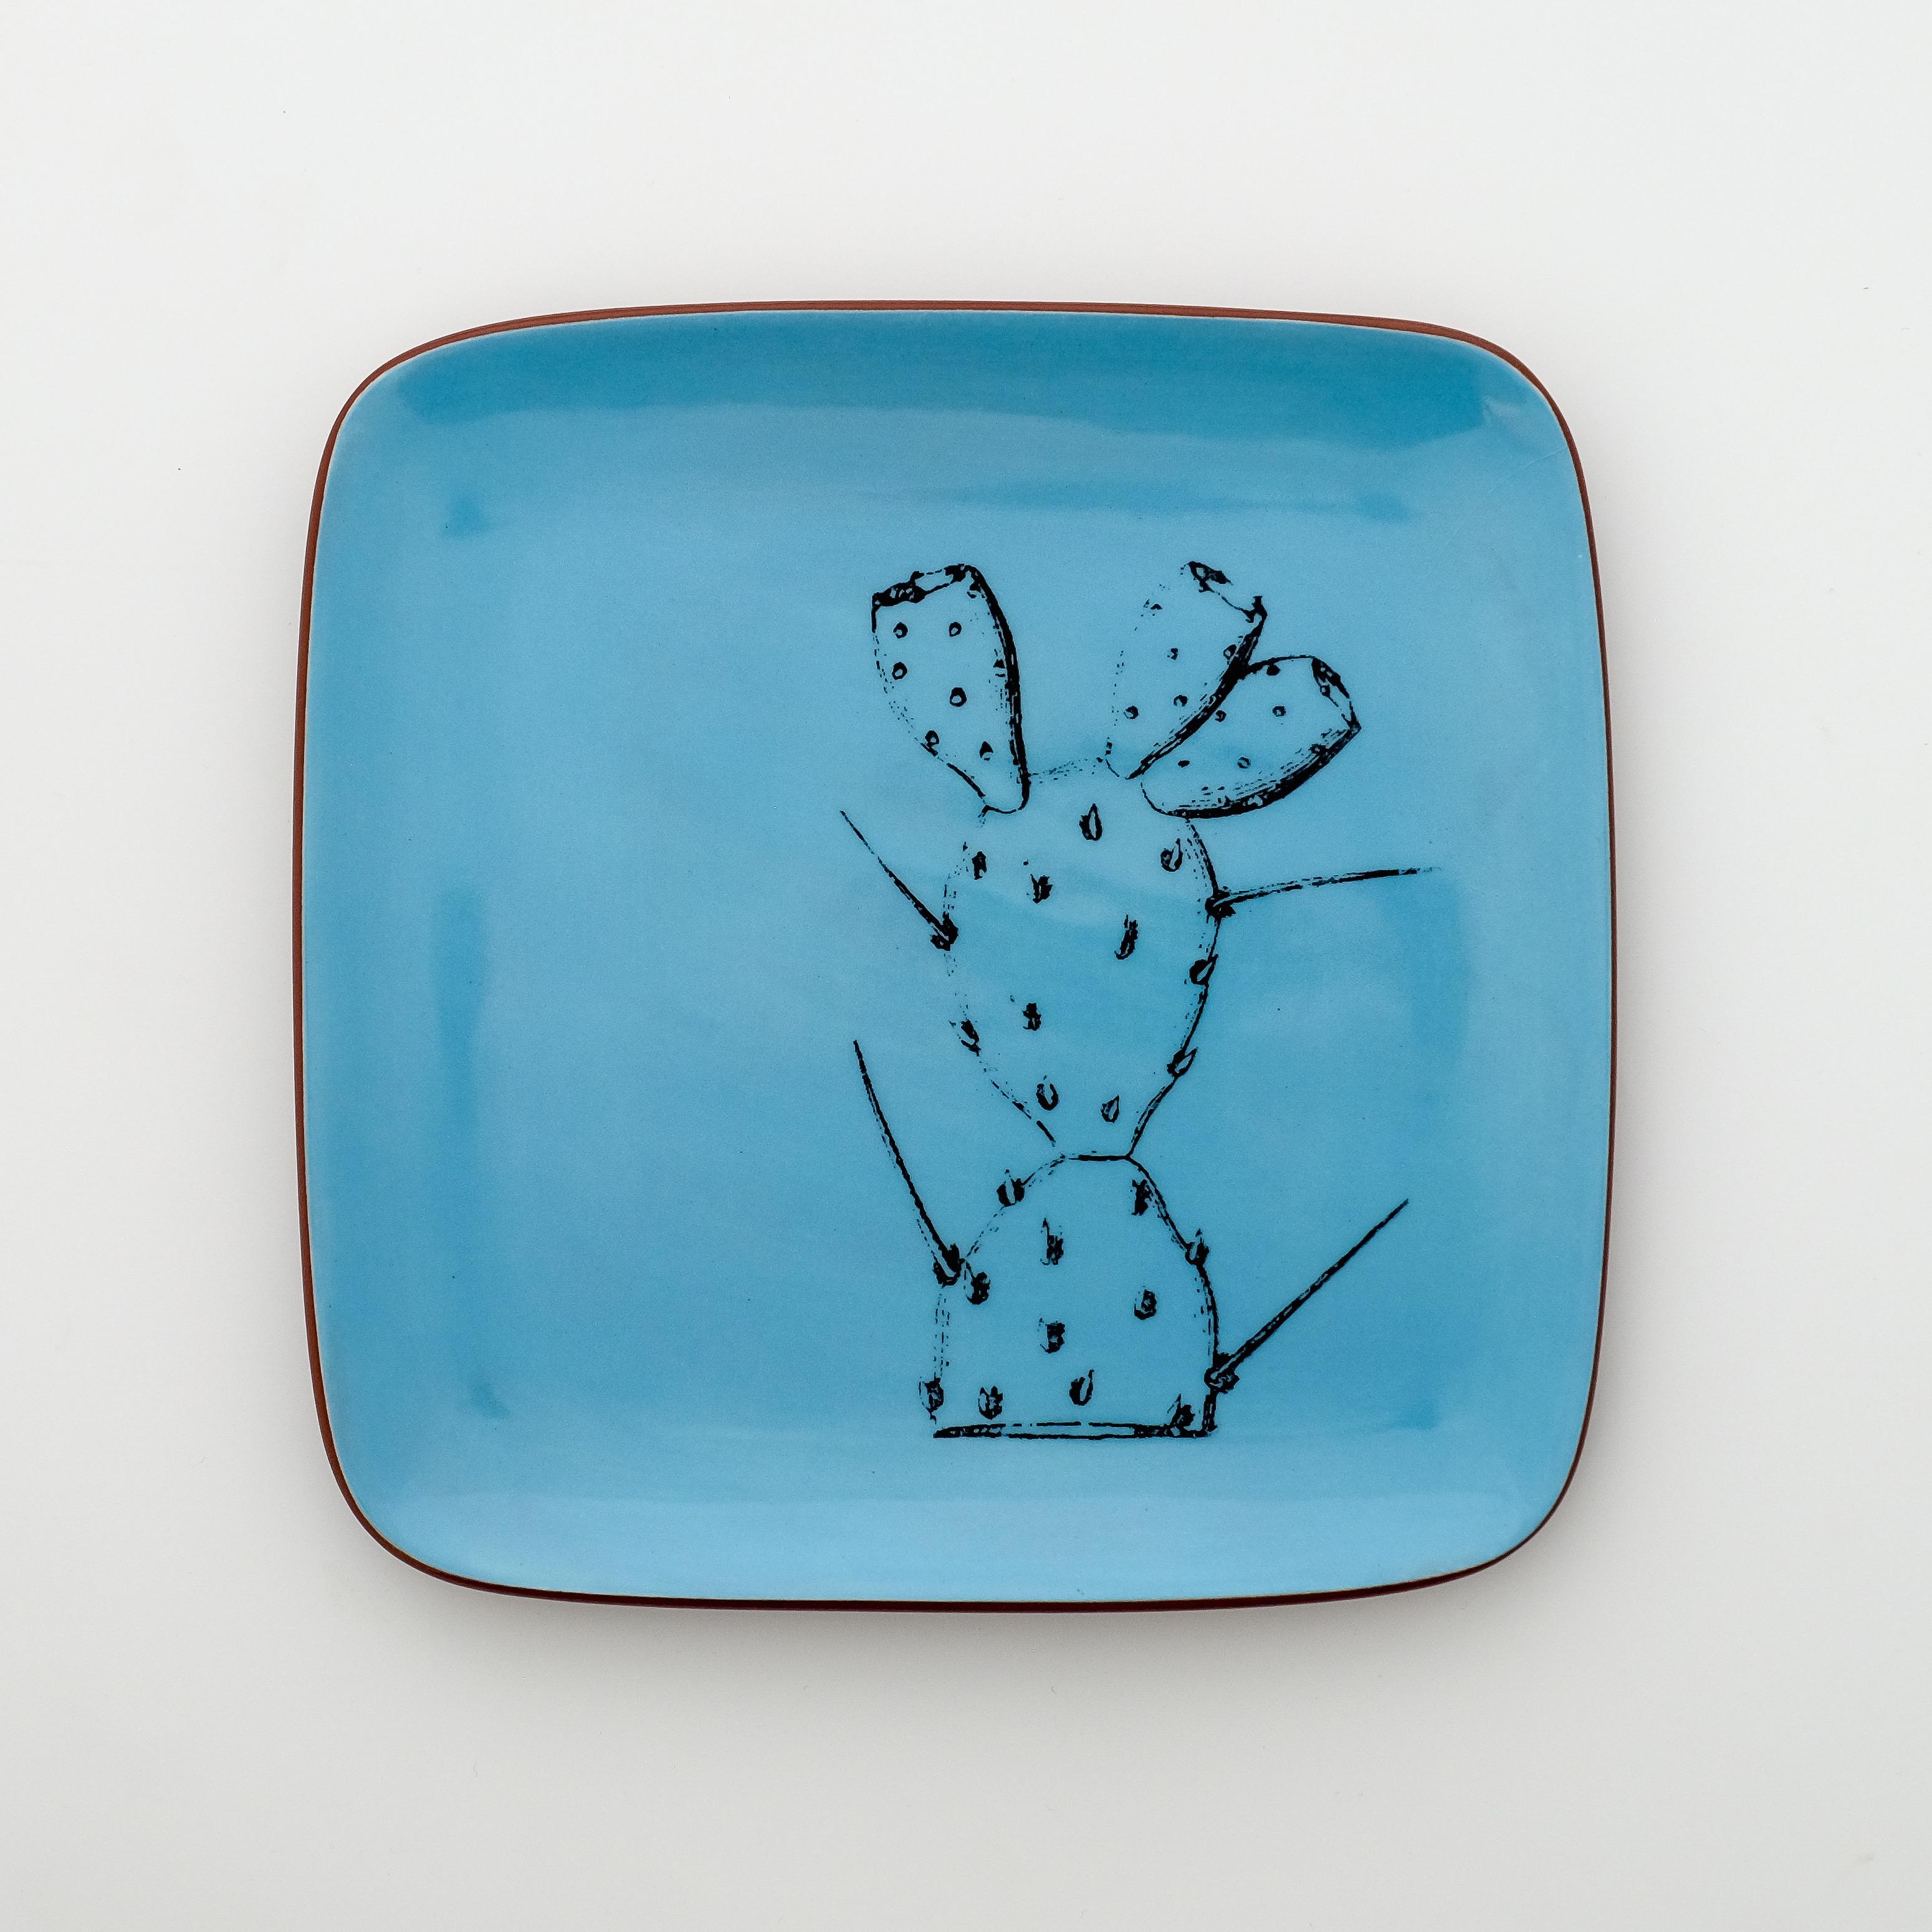 cactus square plate